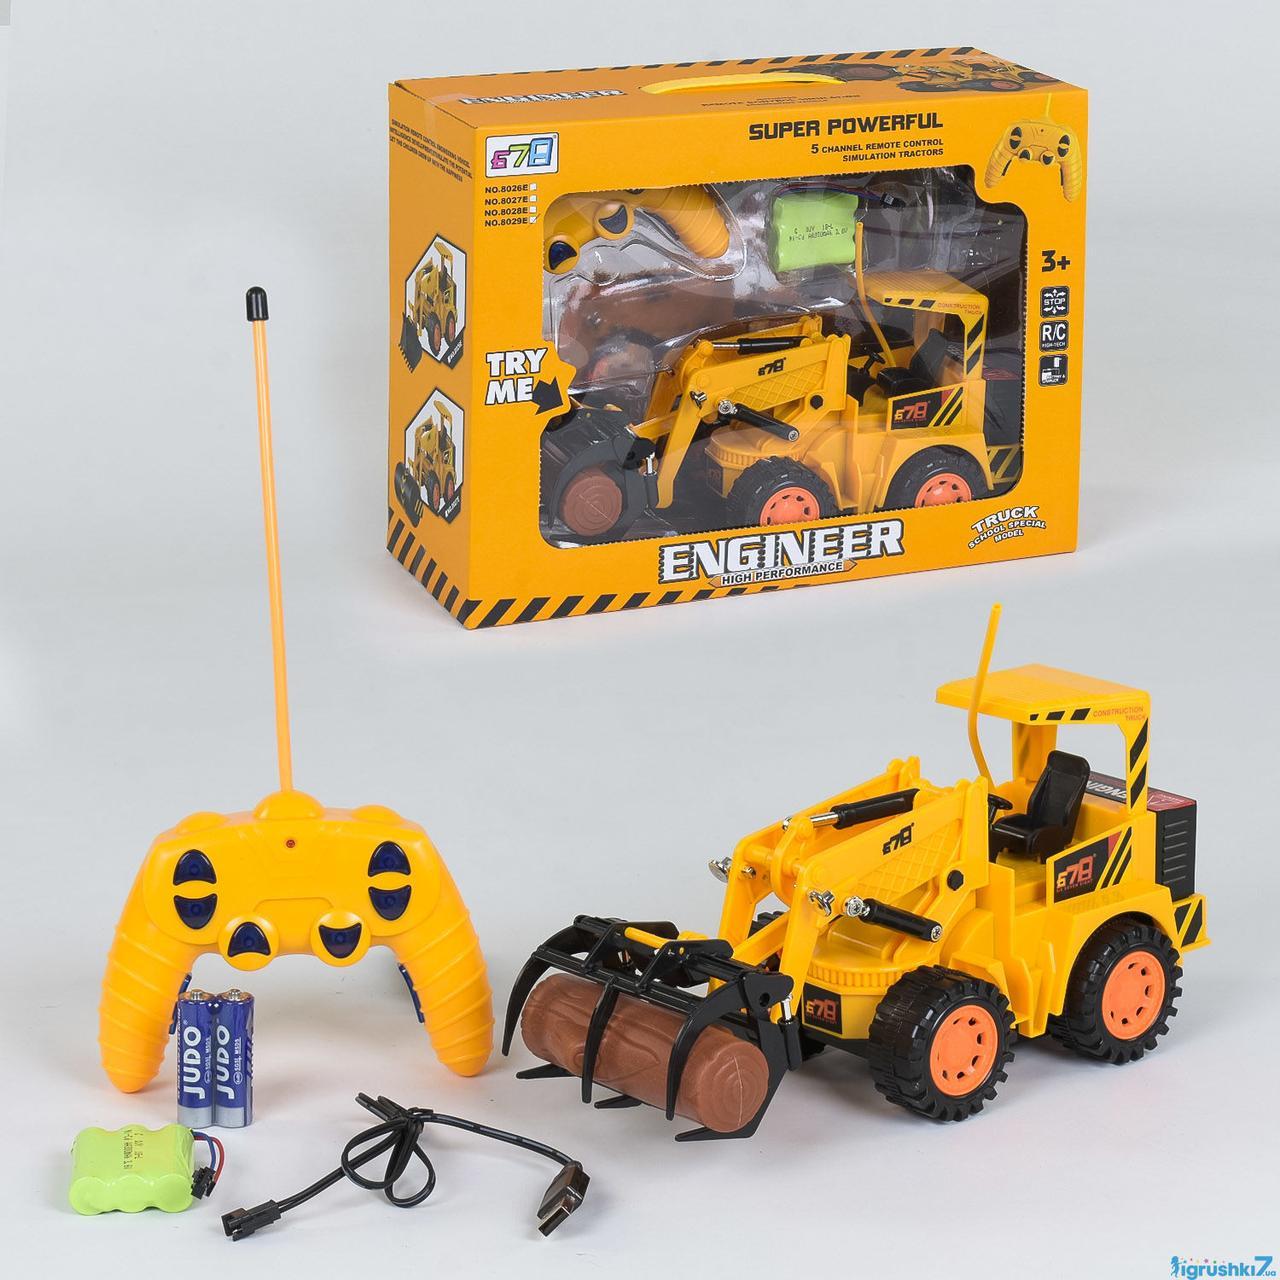 Трактор на радиоуправлении 8029 E (18) аккумулятор 3.6V, в коробке